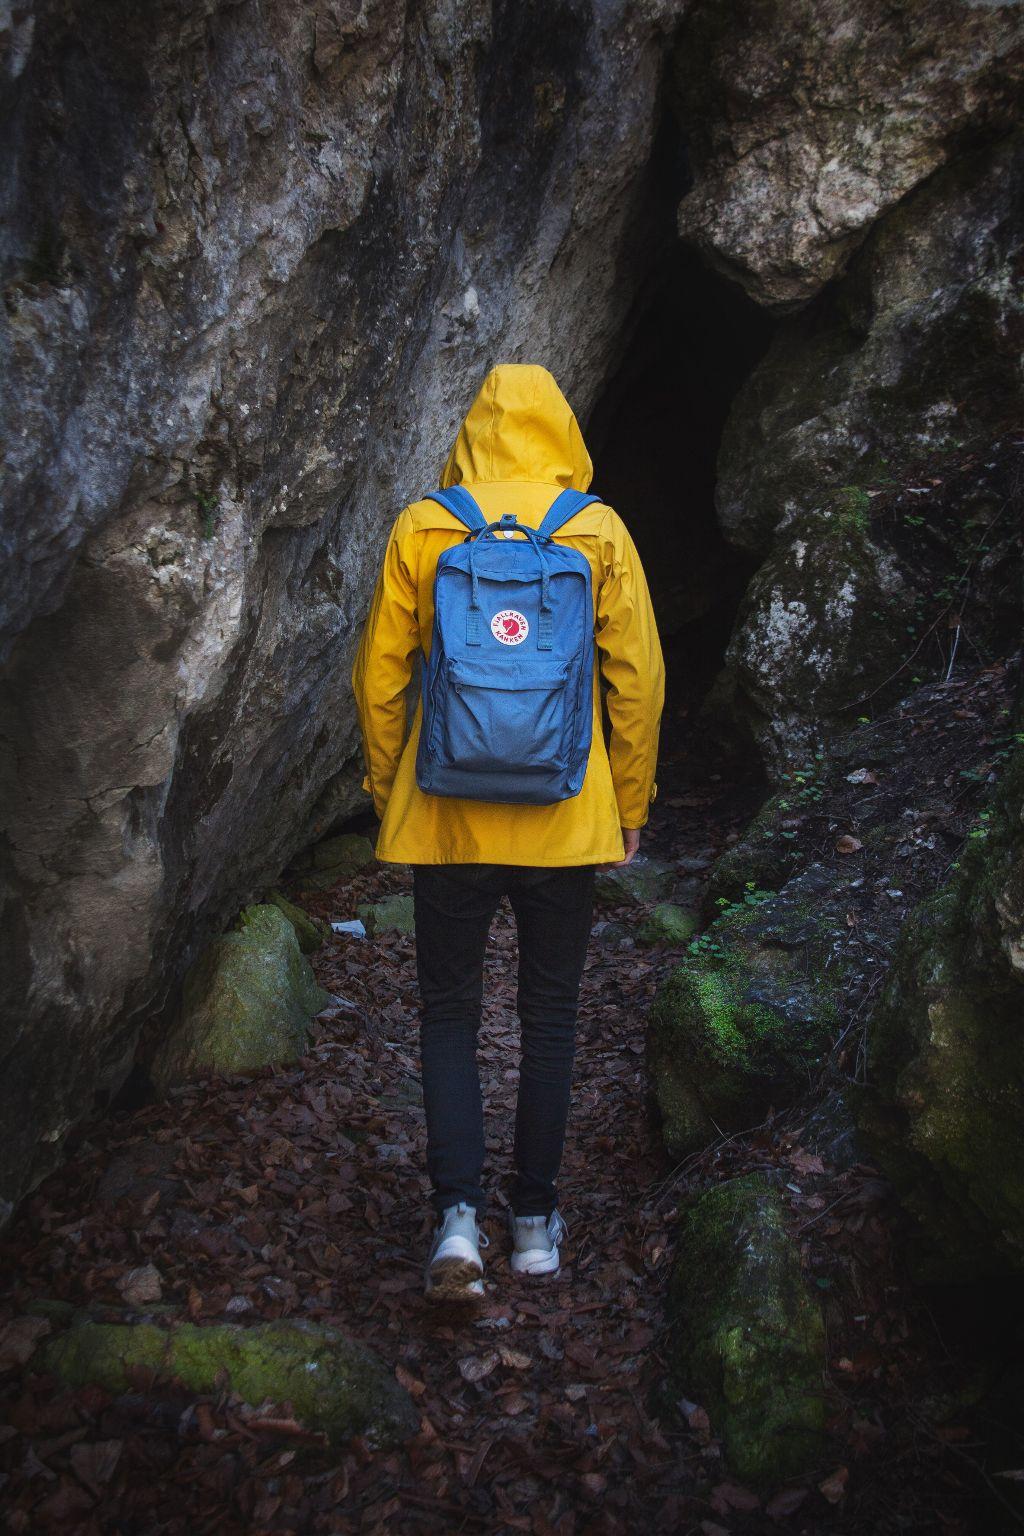 Yellow pt.3 #steiermark #österreich #austria #styria #blog #travelblog #travler #photographer #discoveraustria #loves_austria #visitaustria #ig_austria #simplyaustria #topaustriaphoto #weloveaustria #travel_wonder #visitsteiermark #streetwear #fashion #derbe #yellowraincoat #yellow #derbehamburg